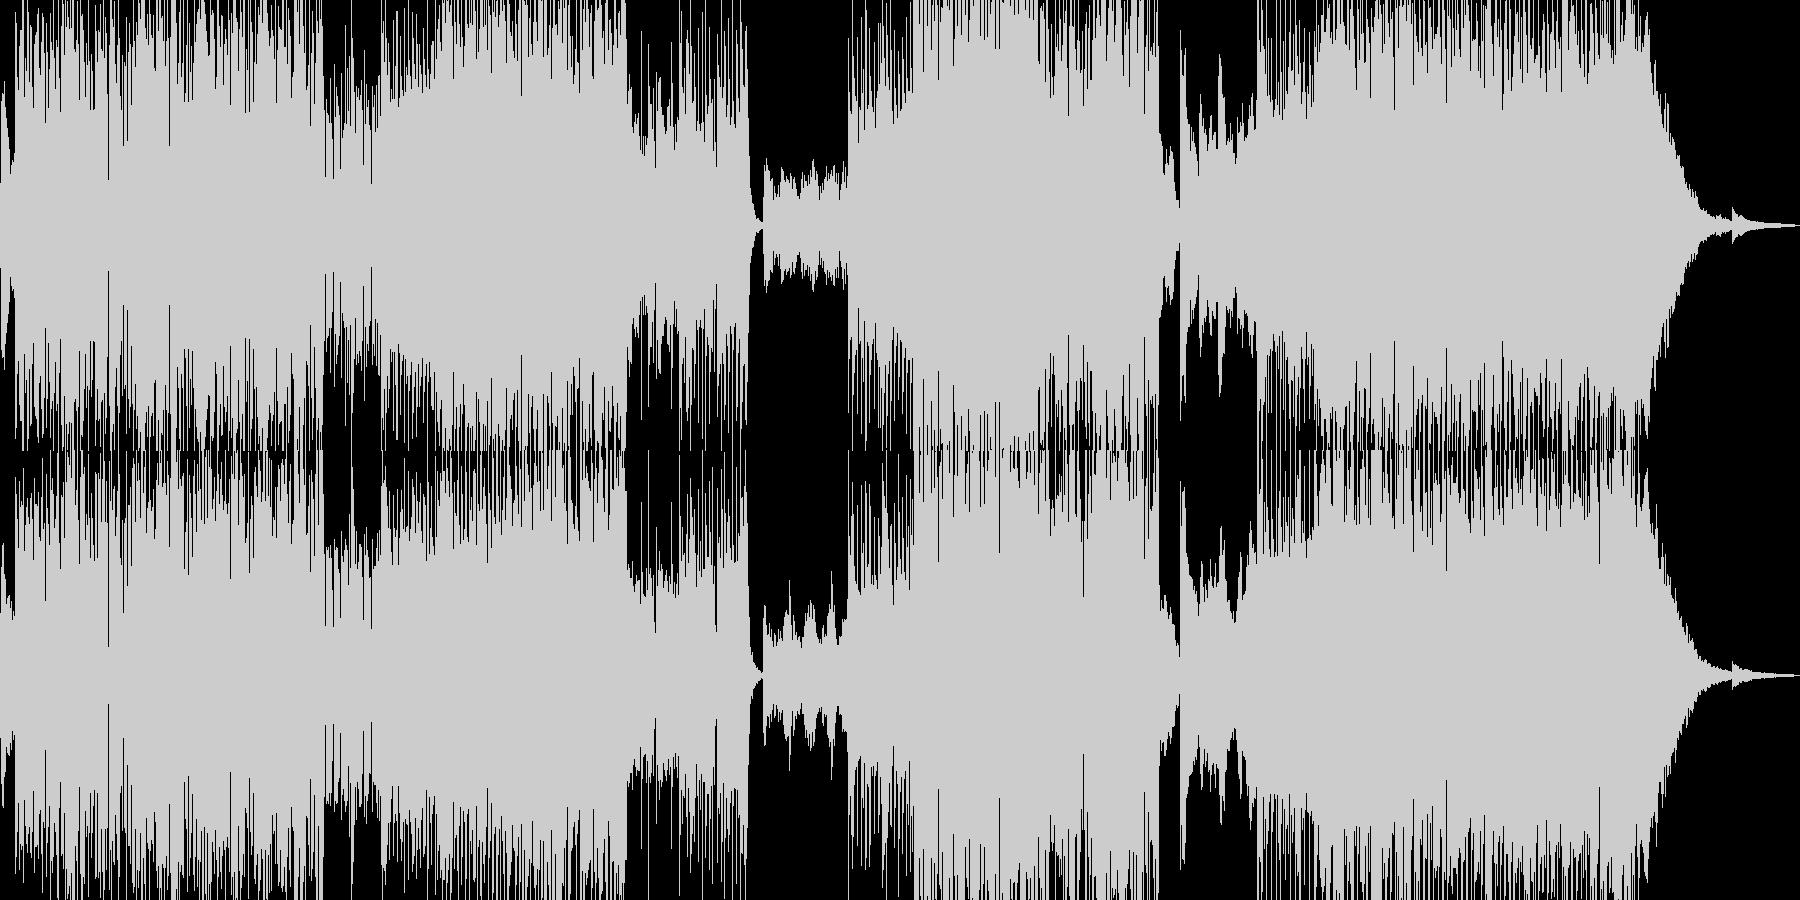 闇→光・忍び寄る恐怖がテーマのロックの未再生の波形